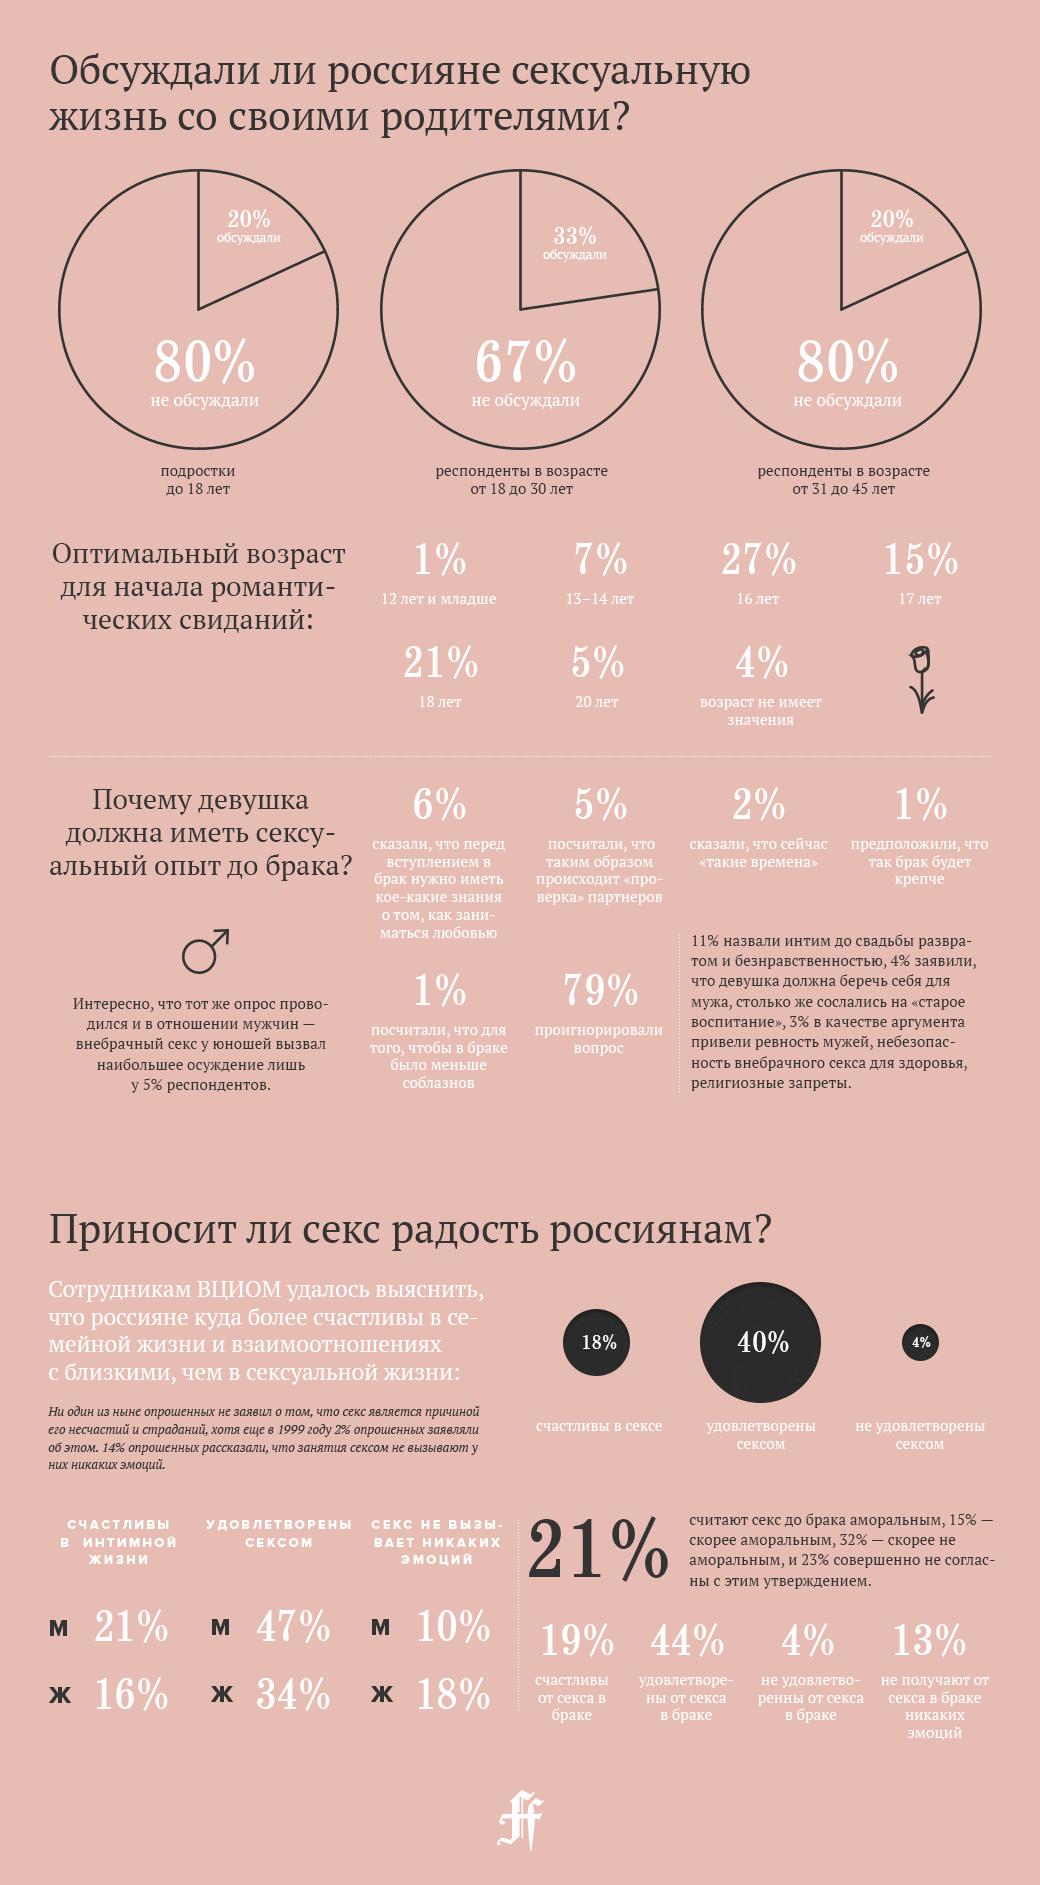 Сексуальная жизнь россиян в цифрах и фактах. Изображение № 2.